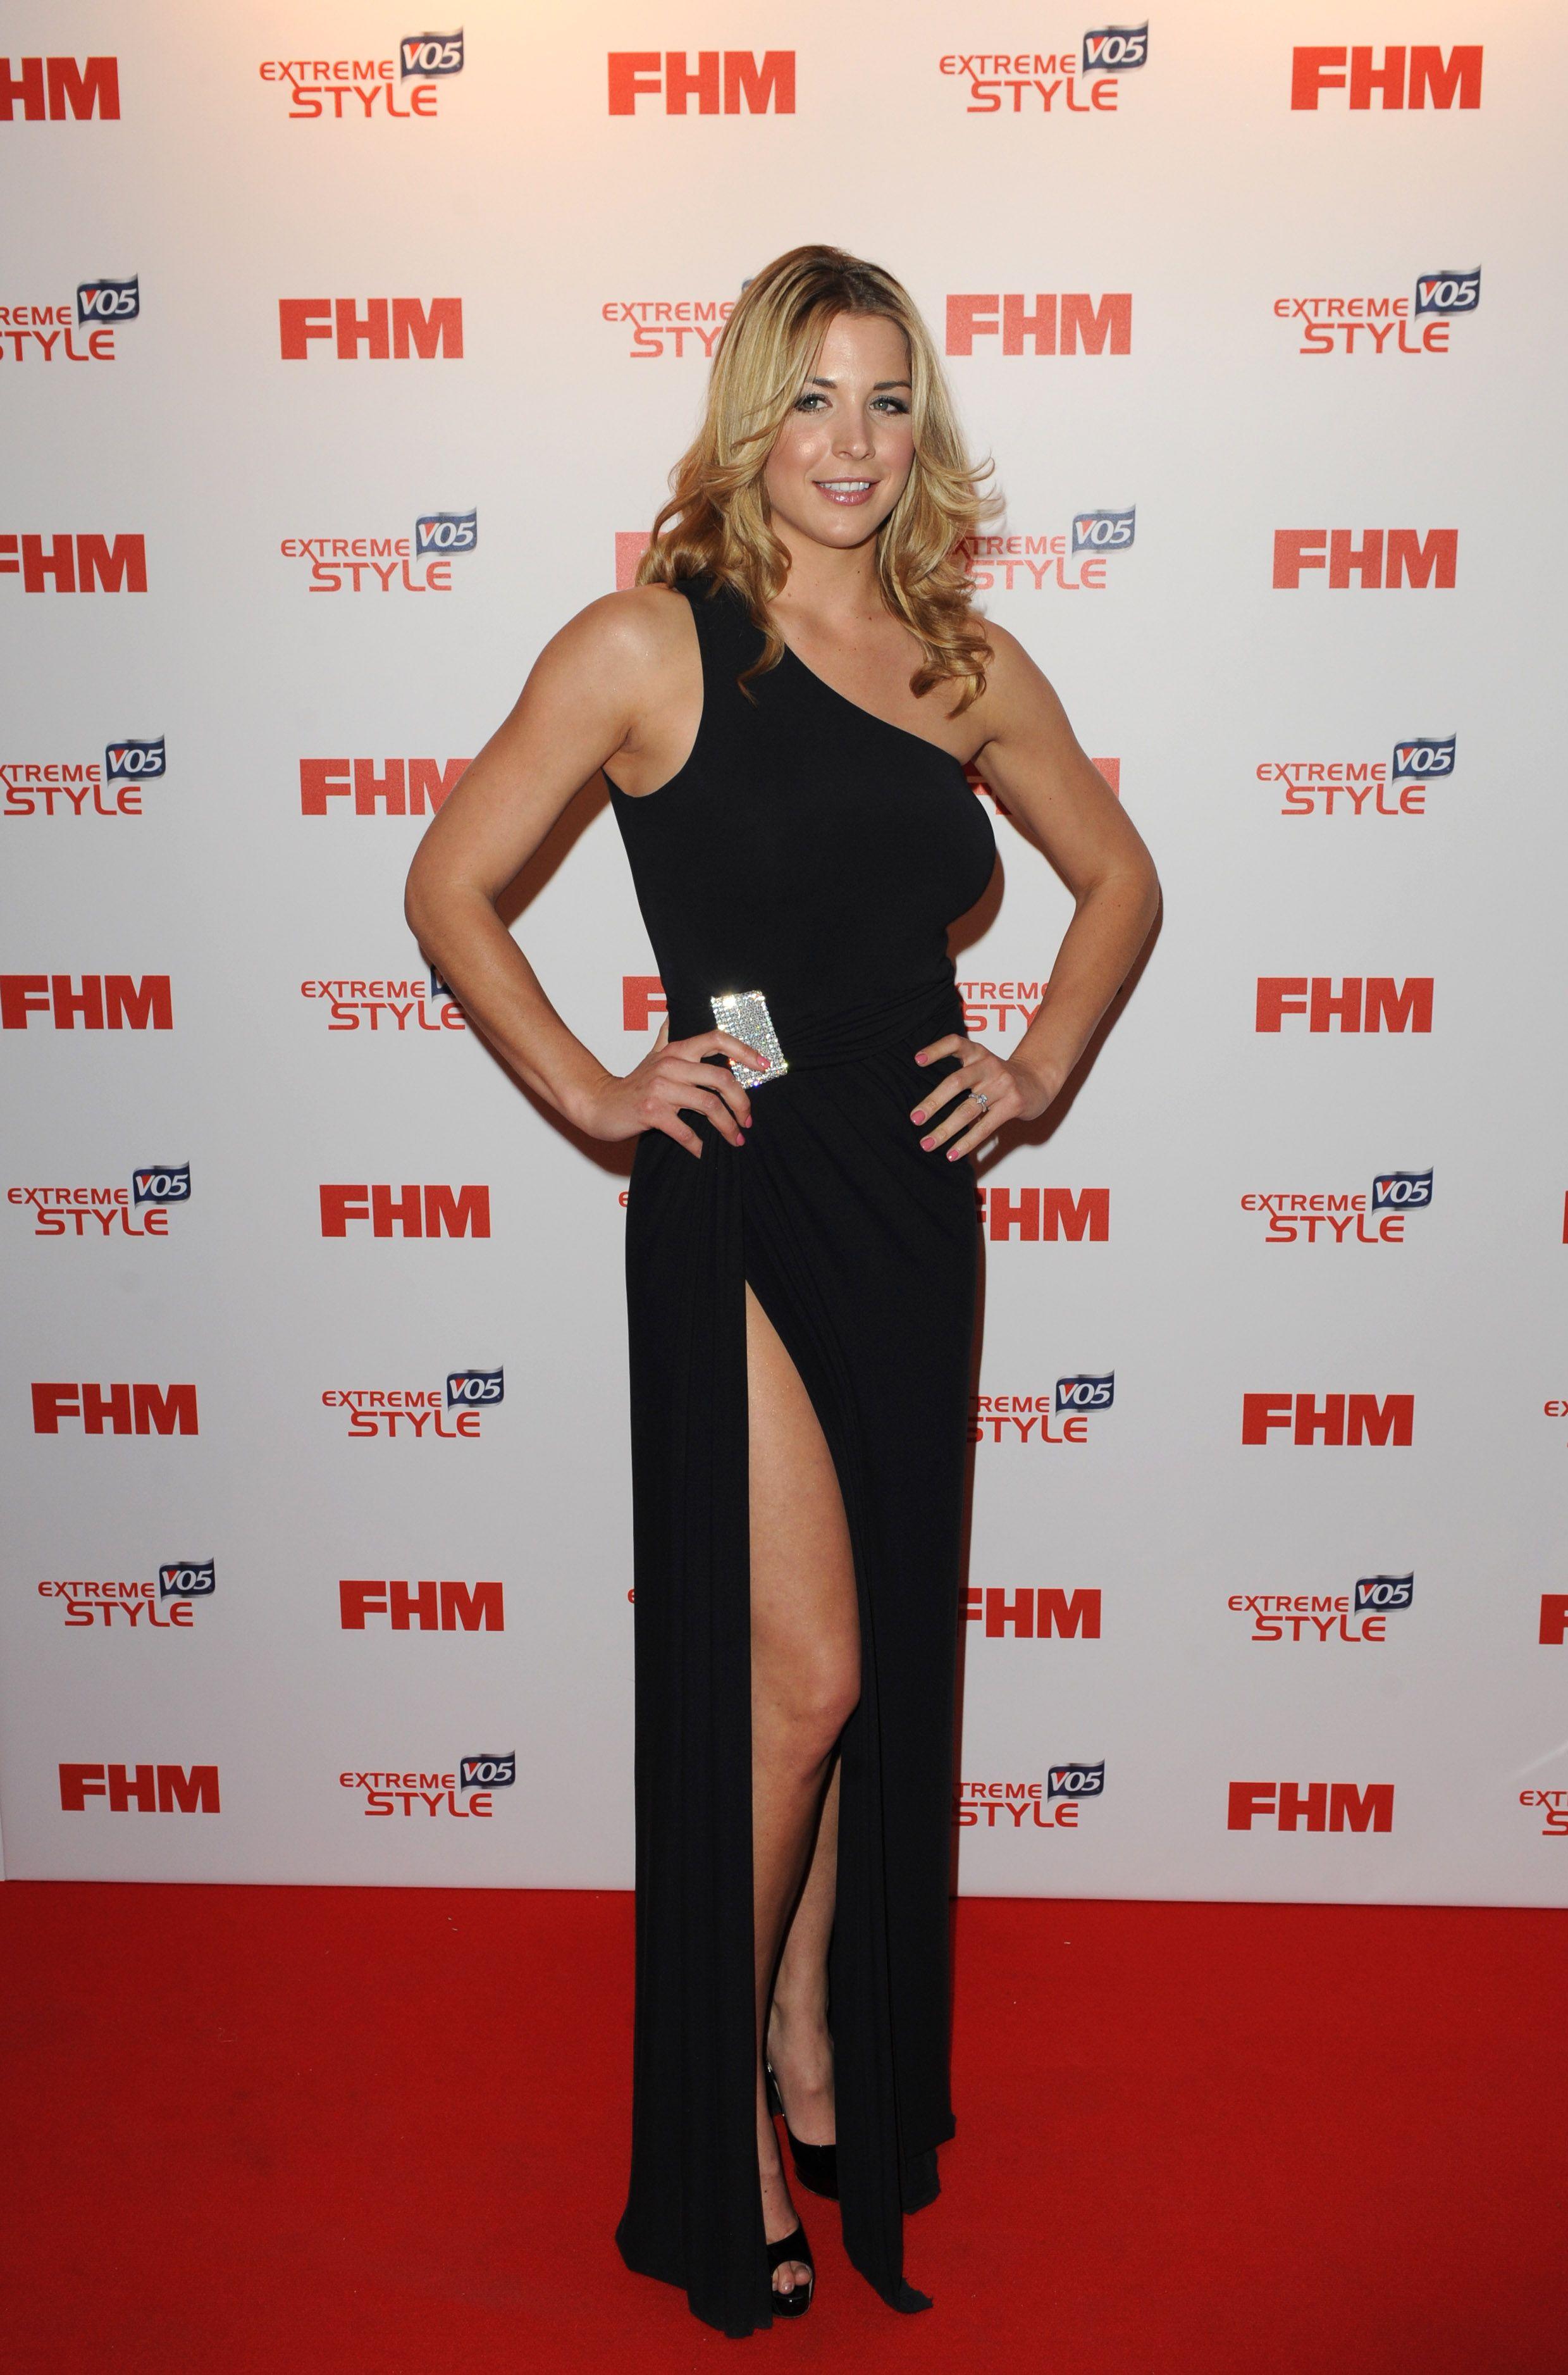 FHM's 100 Sexiest Women (UK) - Wikipedia